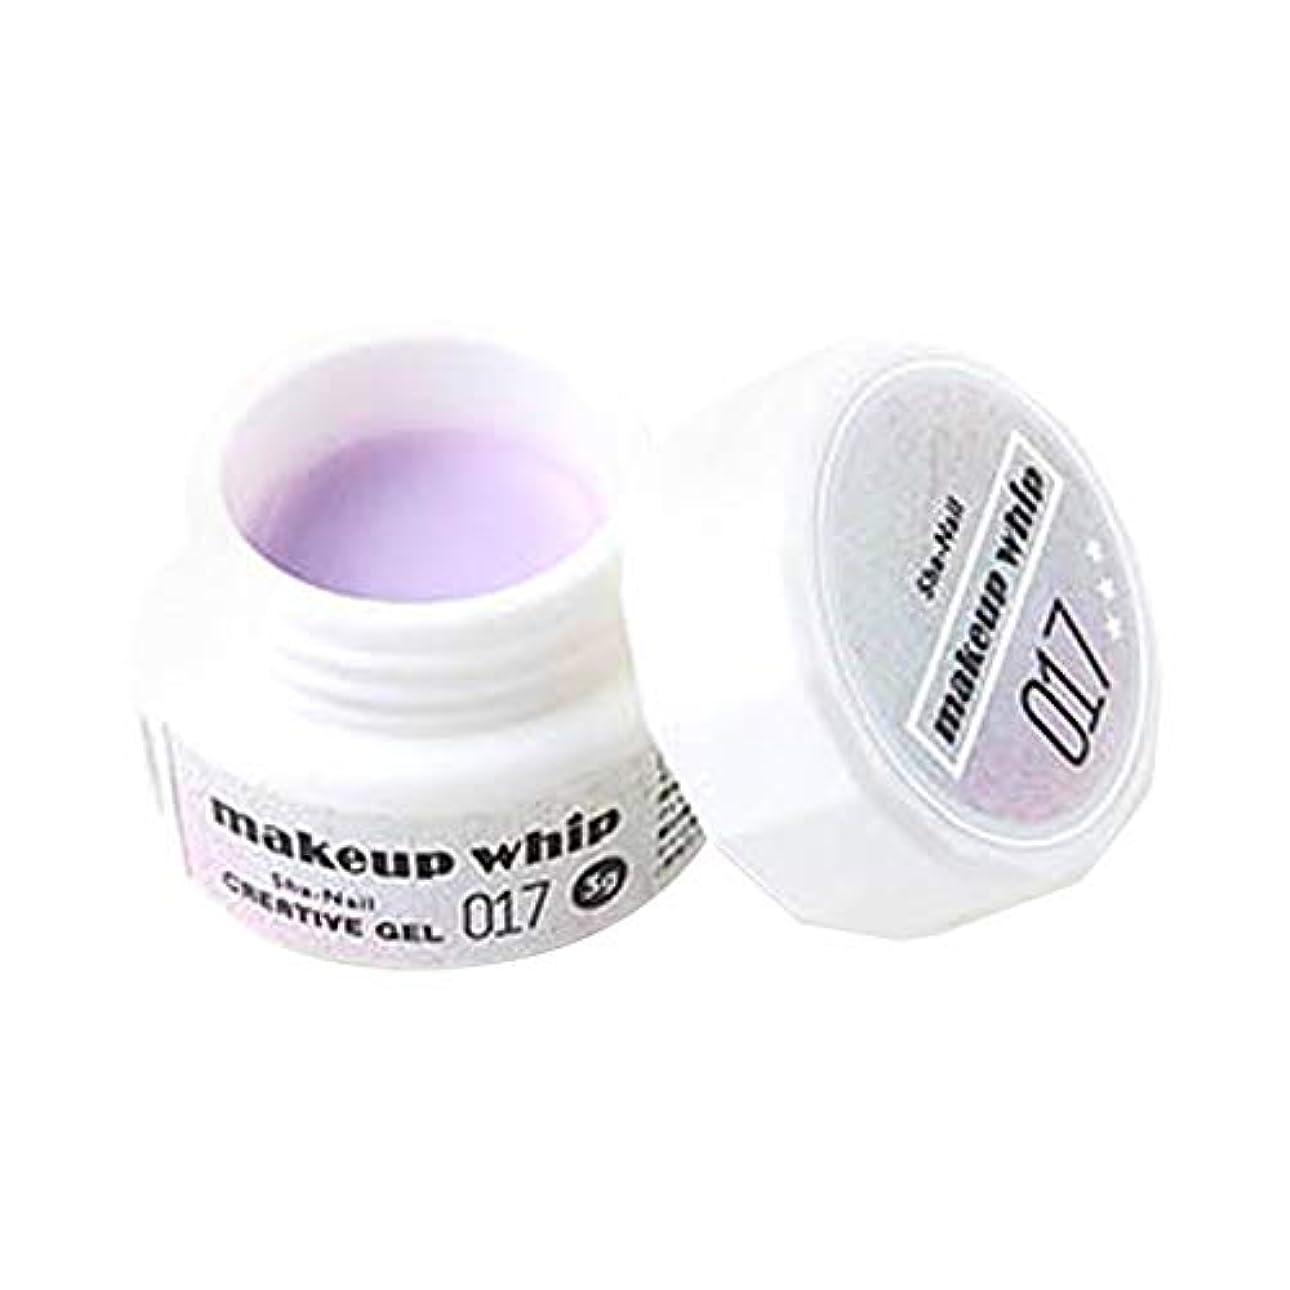 階下悔い改めセラフSha-Nail Creative Gel カラージェル 017 オーロラピンク 3g UV/LED対応